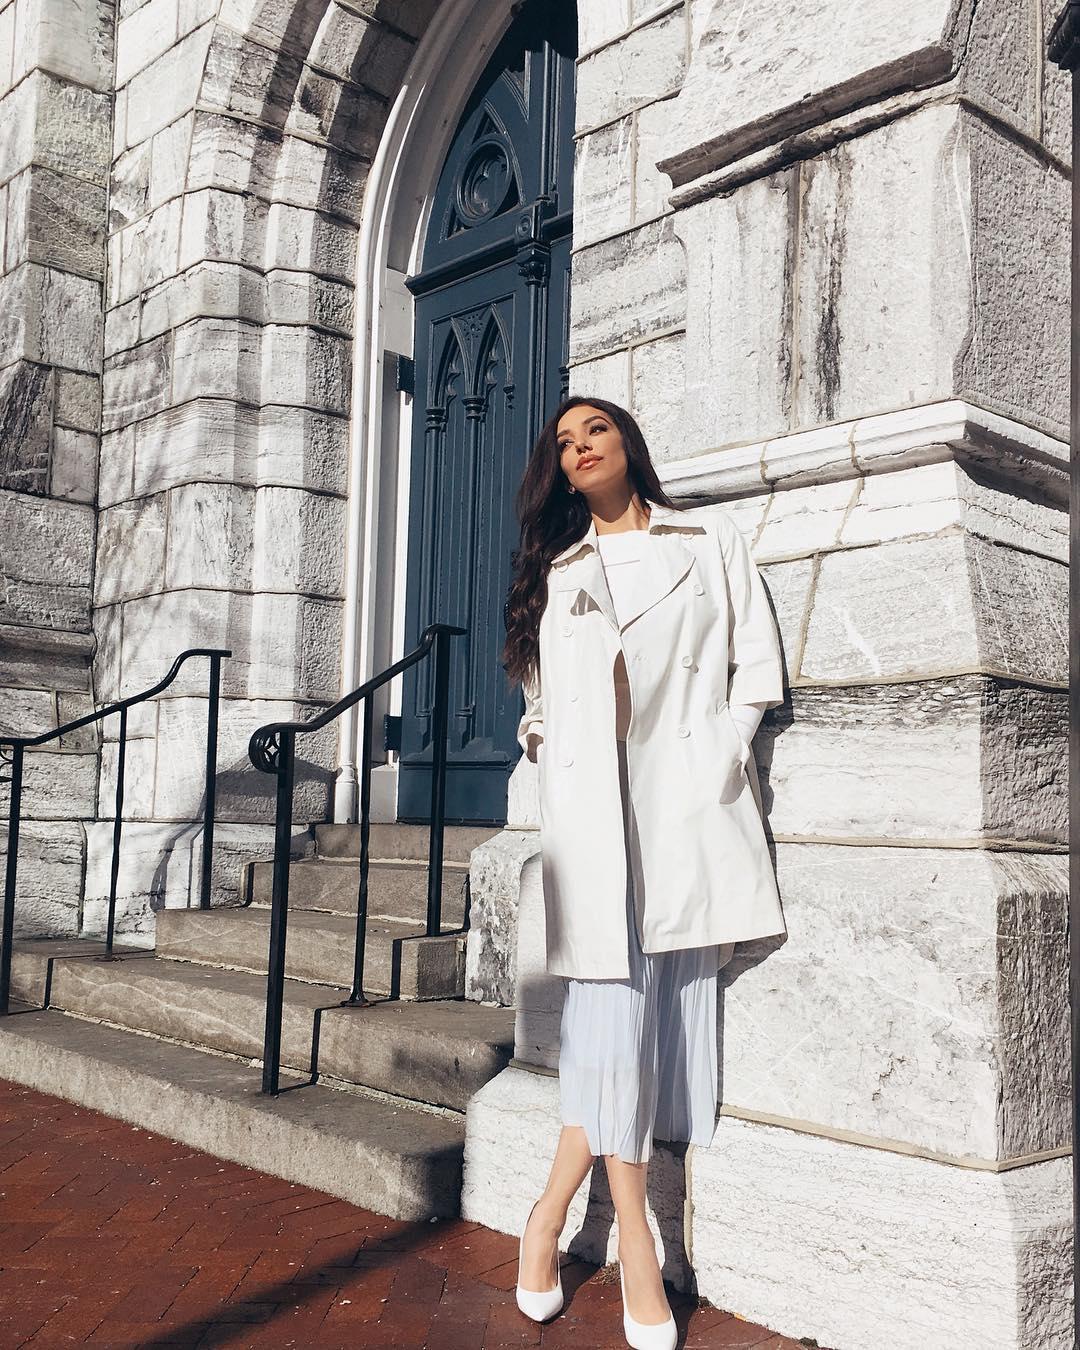 kailyn marie perez, miss pennsylvania 2019. - Página 3 51826411